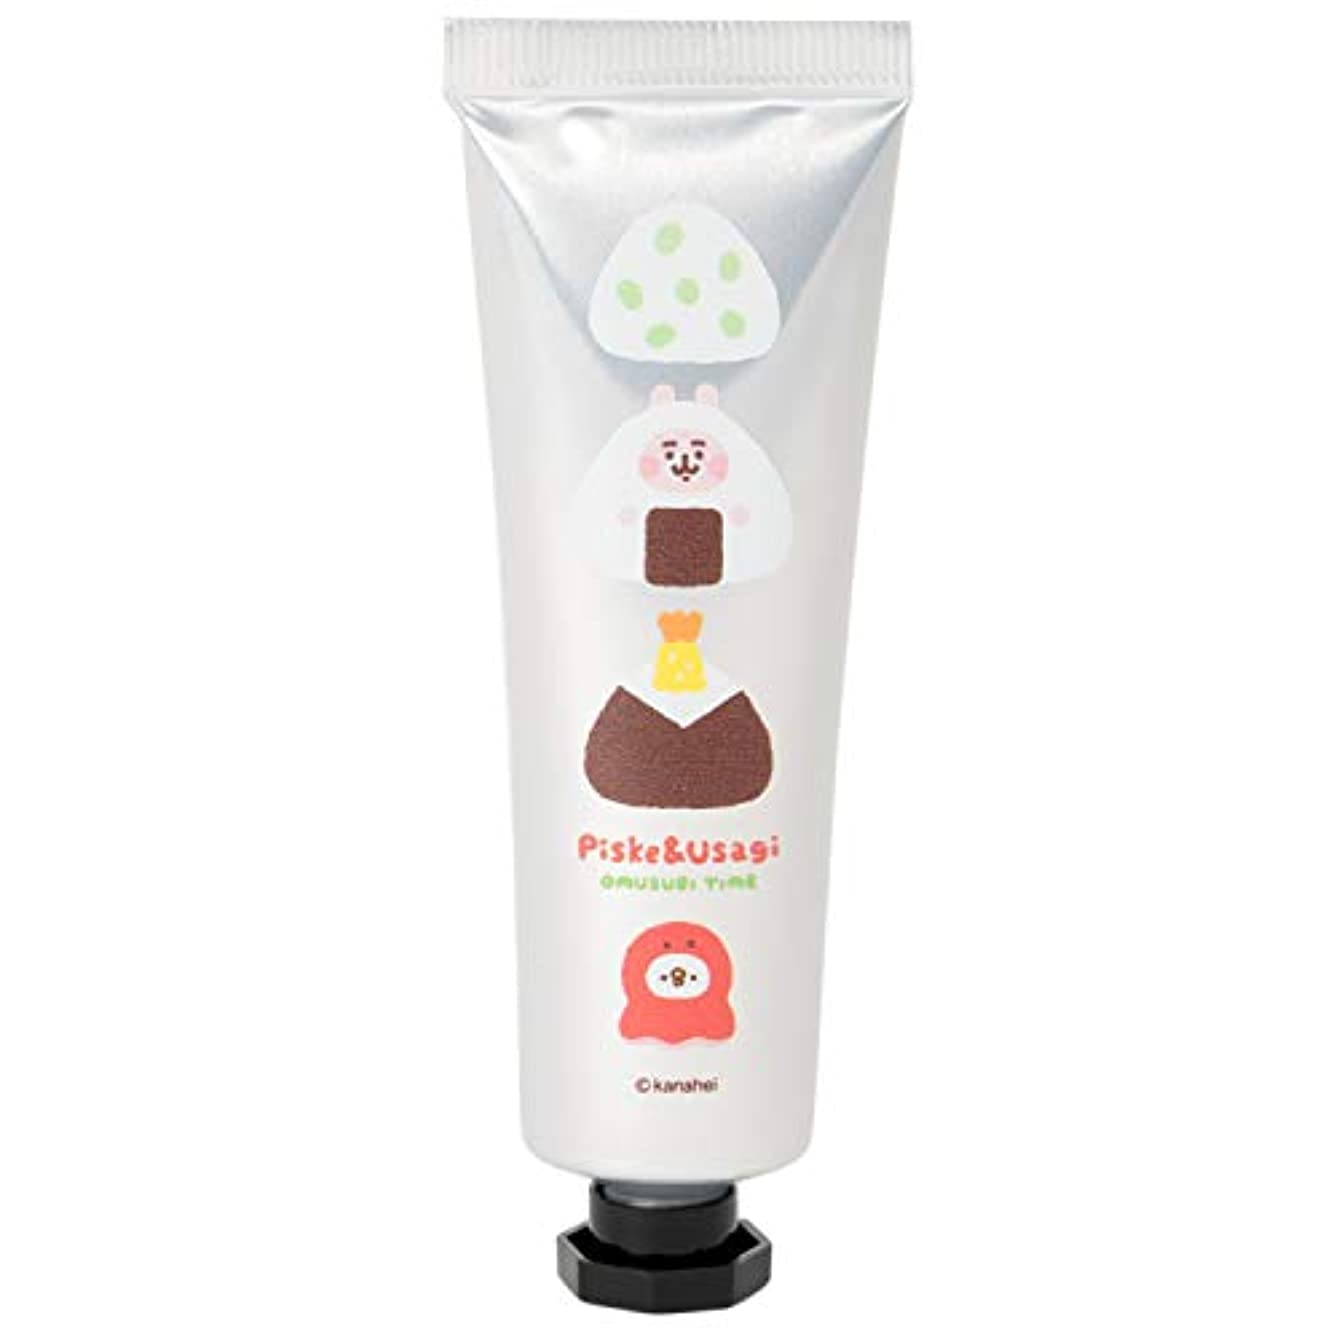 リストその間スリッパノルコーポレーション ハンドクリーム カナヘイの小動物 ピスケ&うさぎ 保湿成分 ABD-037-003 グレープフルーツの香り 27g